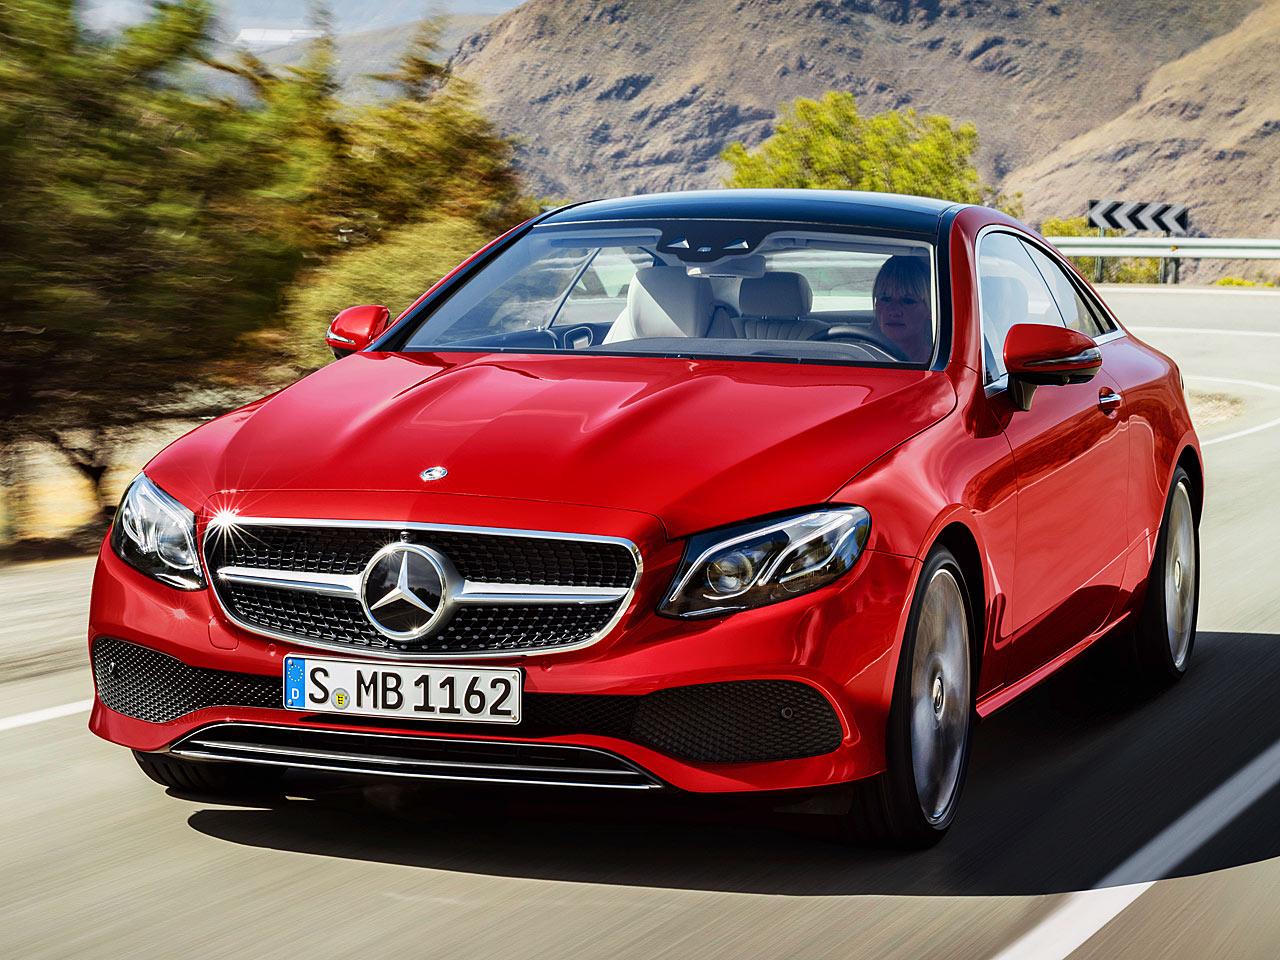 Mercedes E-Klasse Coupé (2017): Preis | autozeitung.de